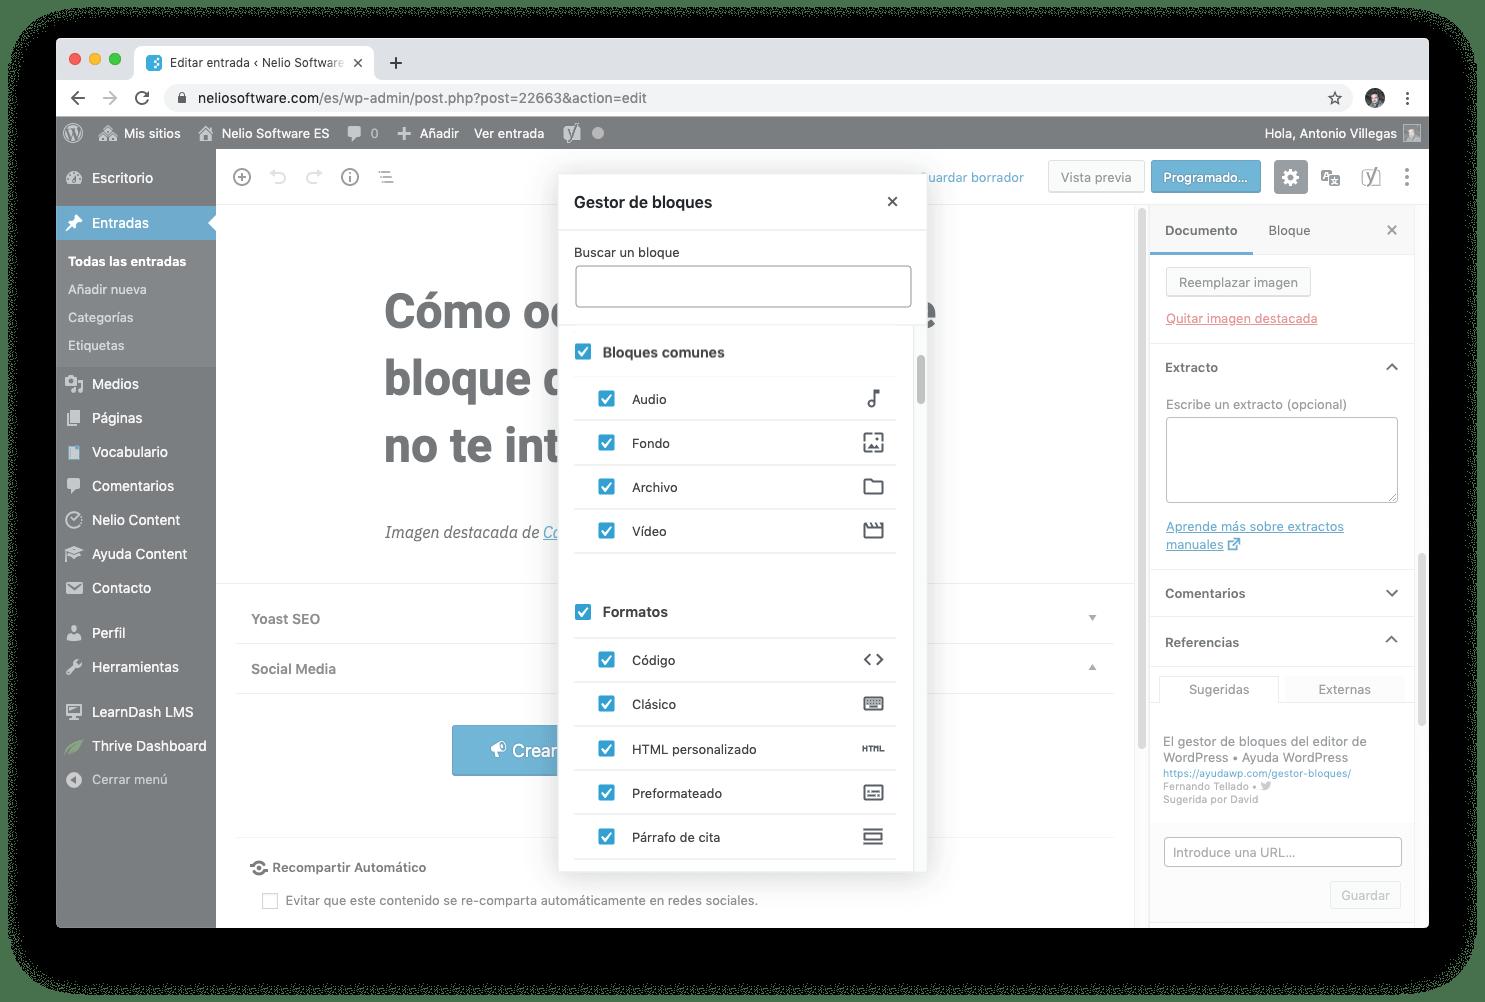 En el gestor de bloques del editor de WordPress puedes ocultar aquellos bloques que no vas a utilizar para simplificar la interfaz